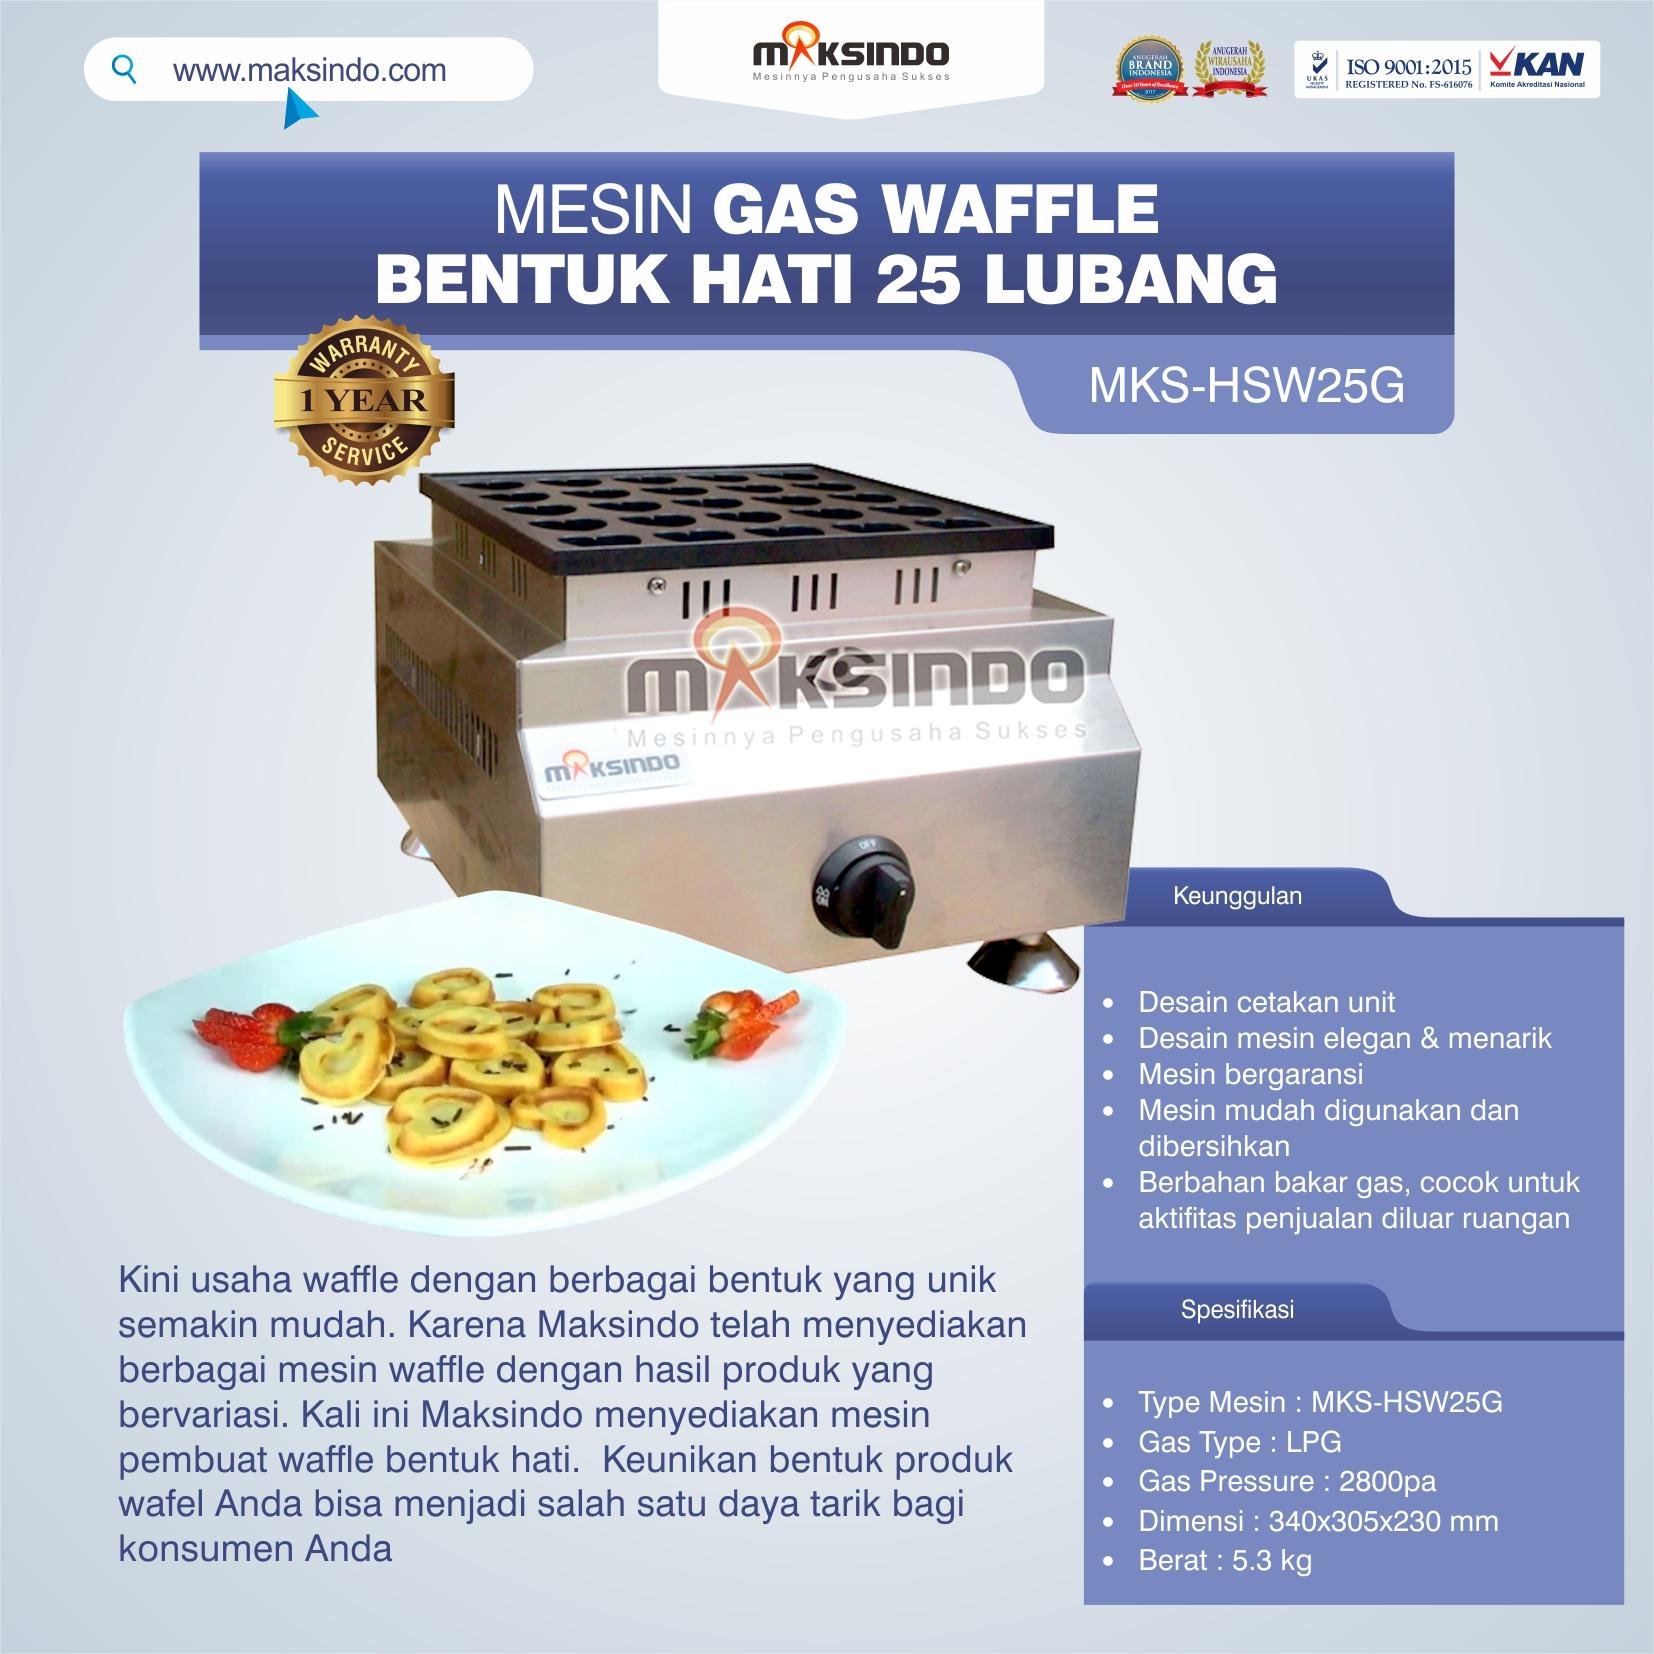 Jual Gas Waffle Bentuk Hati 25 Lubang MKS-HSW25G di Tangerang